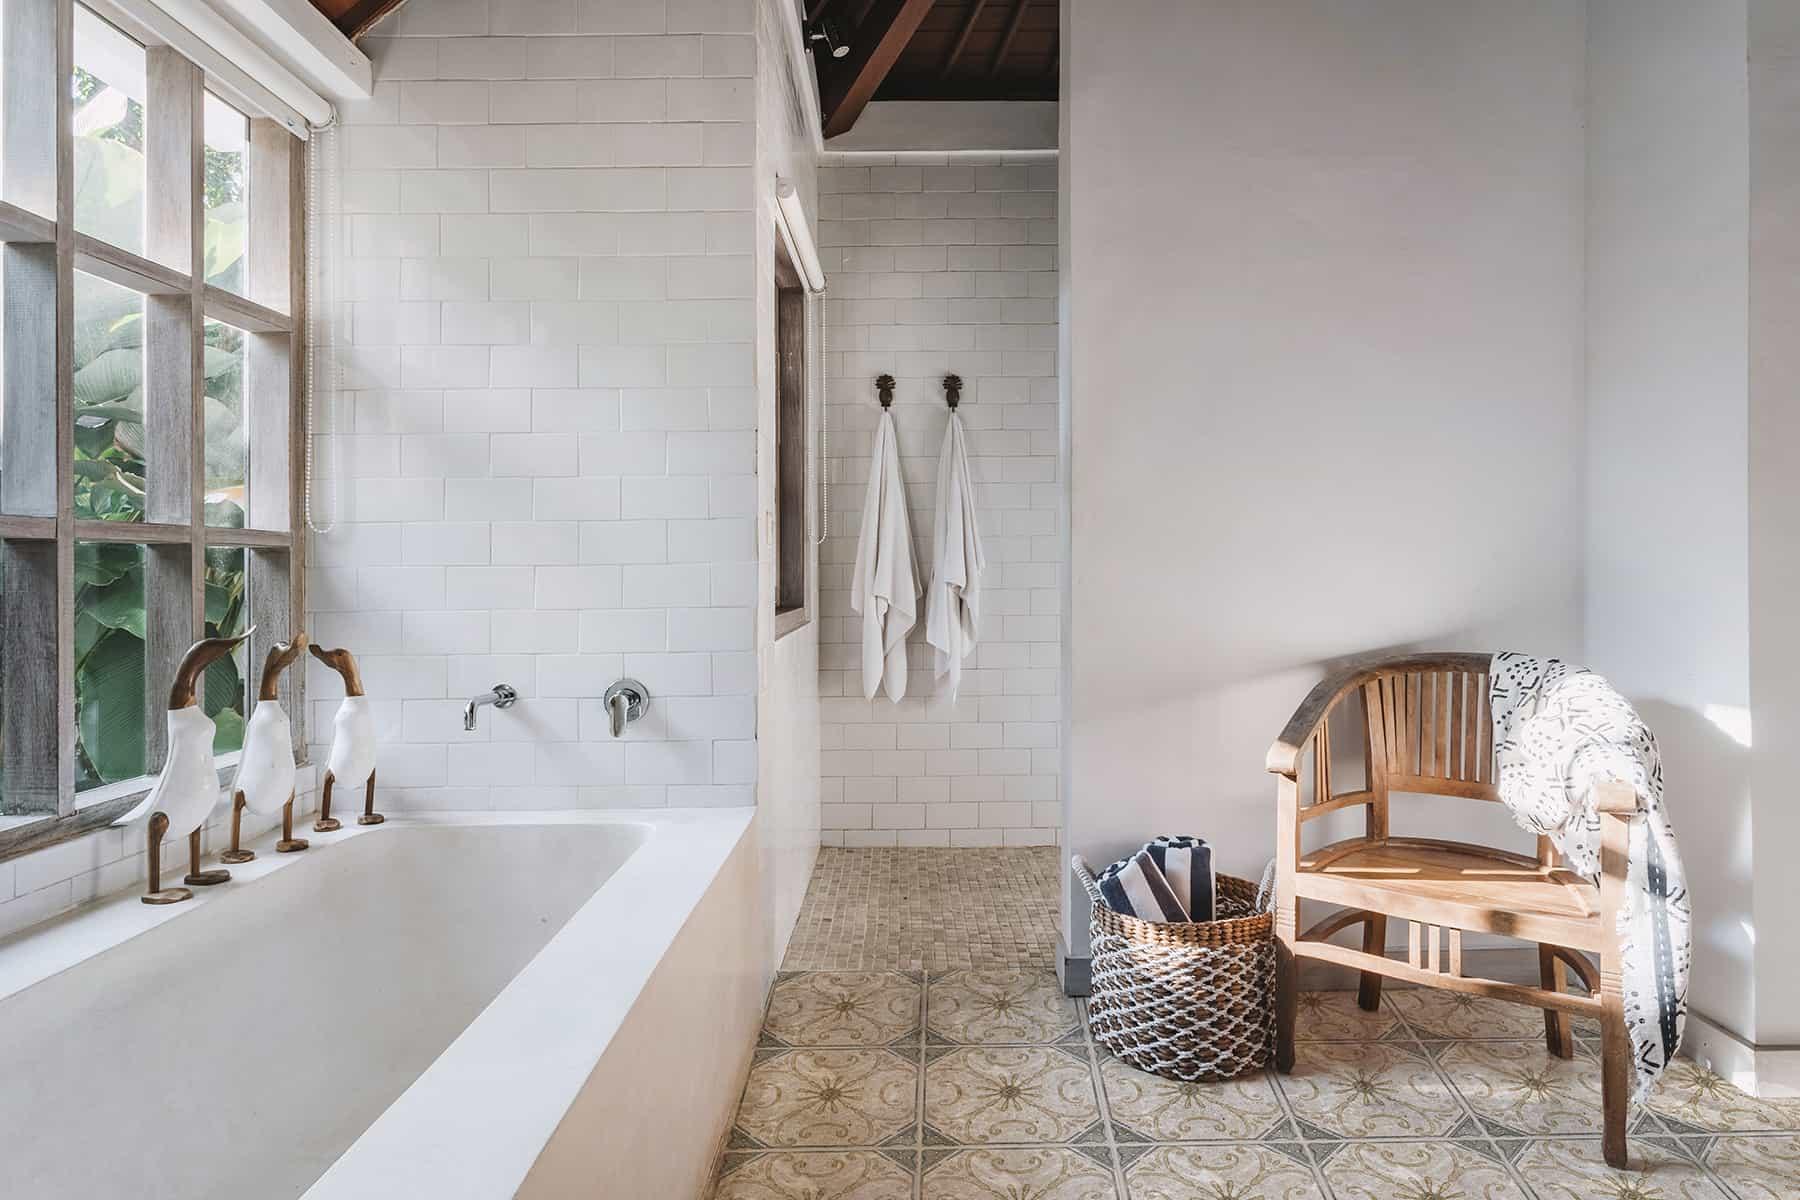 Solana (Sand) Perle Blanc Bathroom Floor